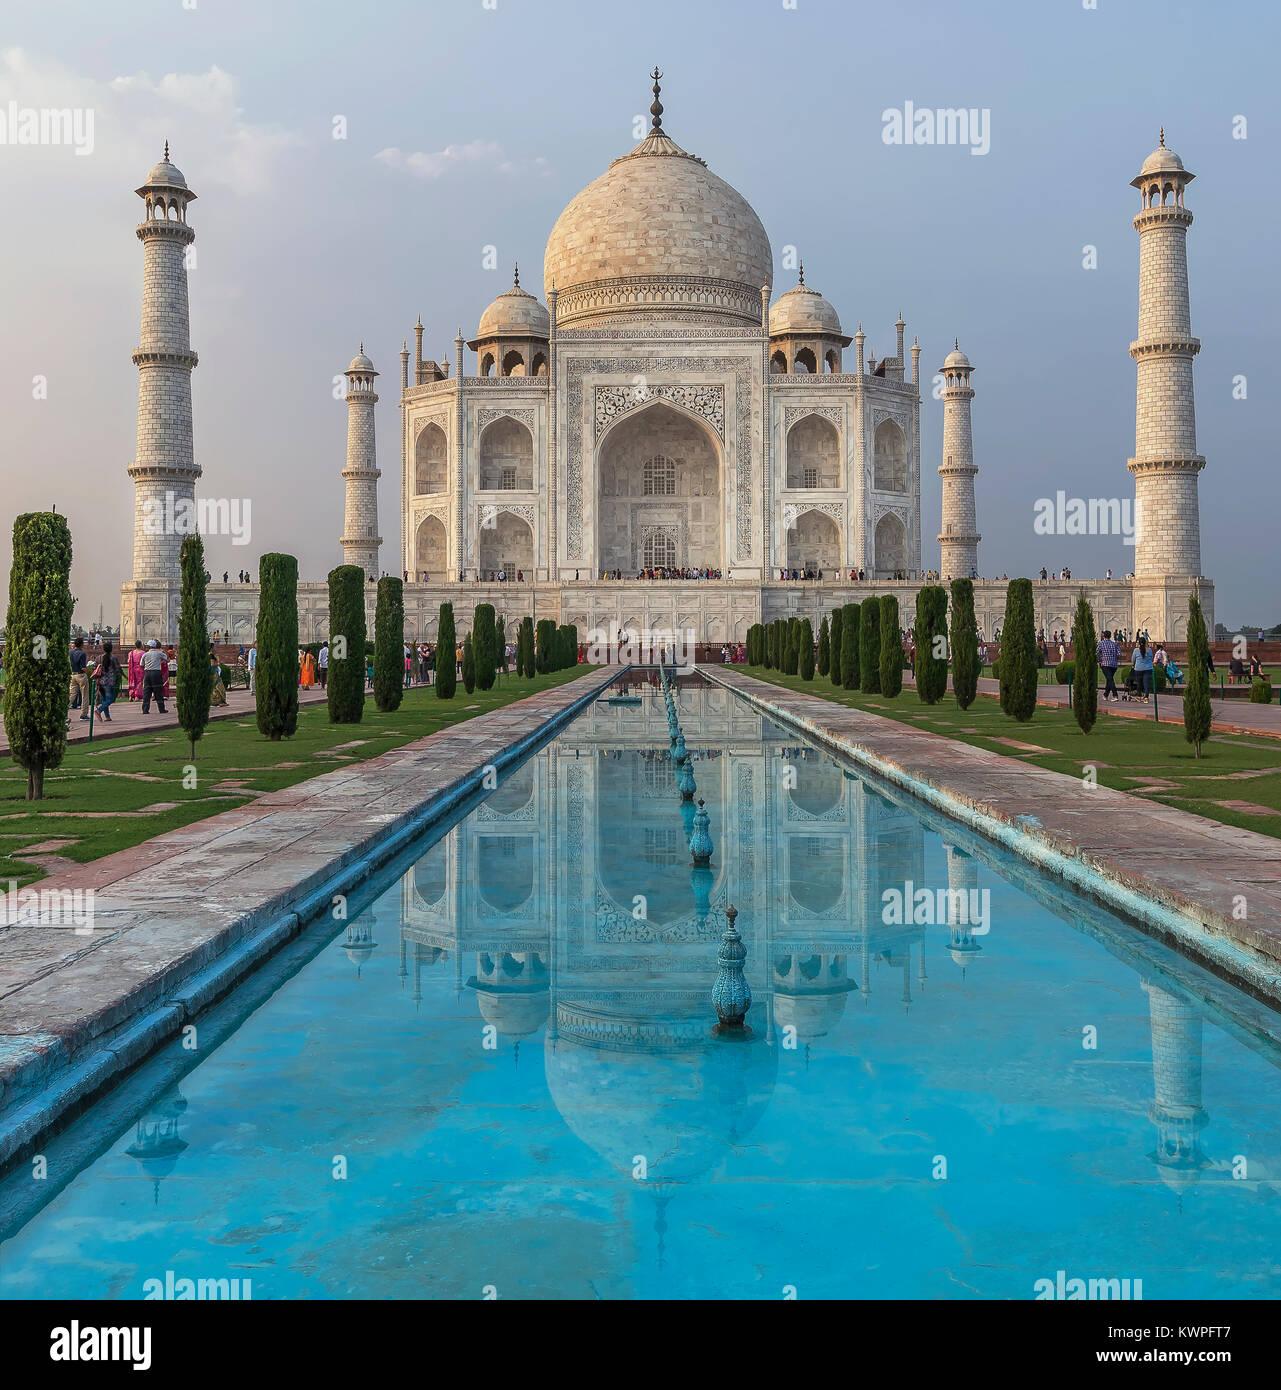 Taj Mahal und seine Reflexion in den späten Nachmittag Licht, Agra, Uttar Pradesh, Indien Stockbild